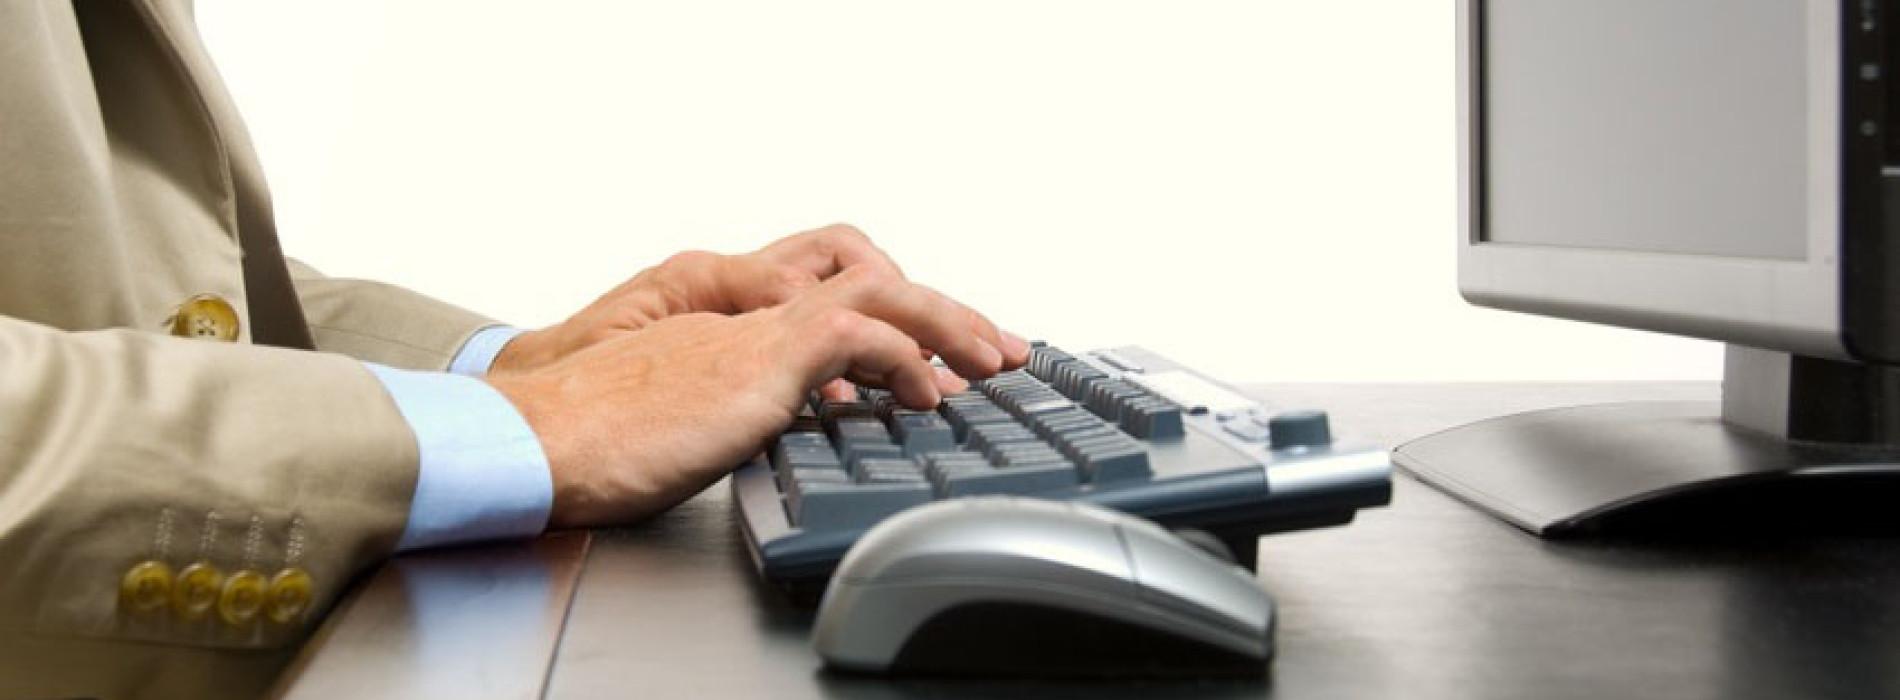 Czy w Internecie znajdziemy poprawne informacje prawne?